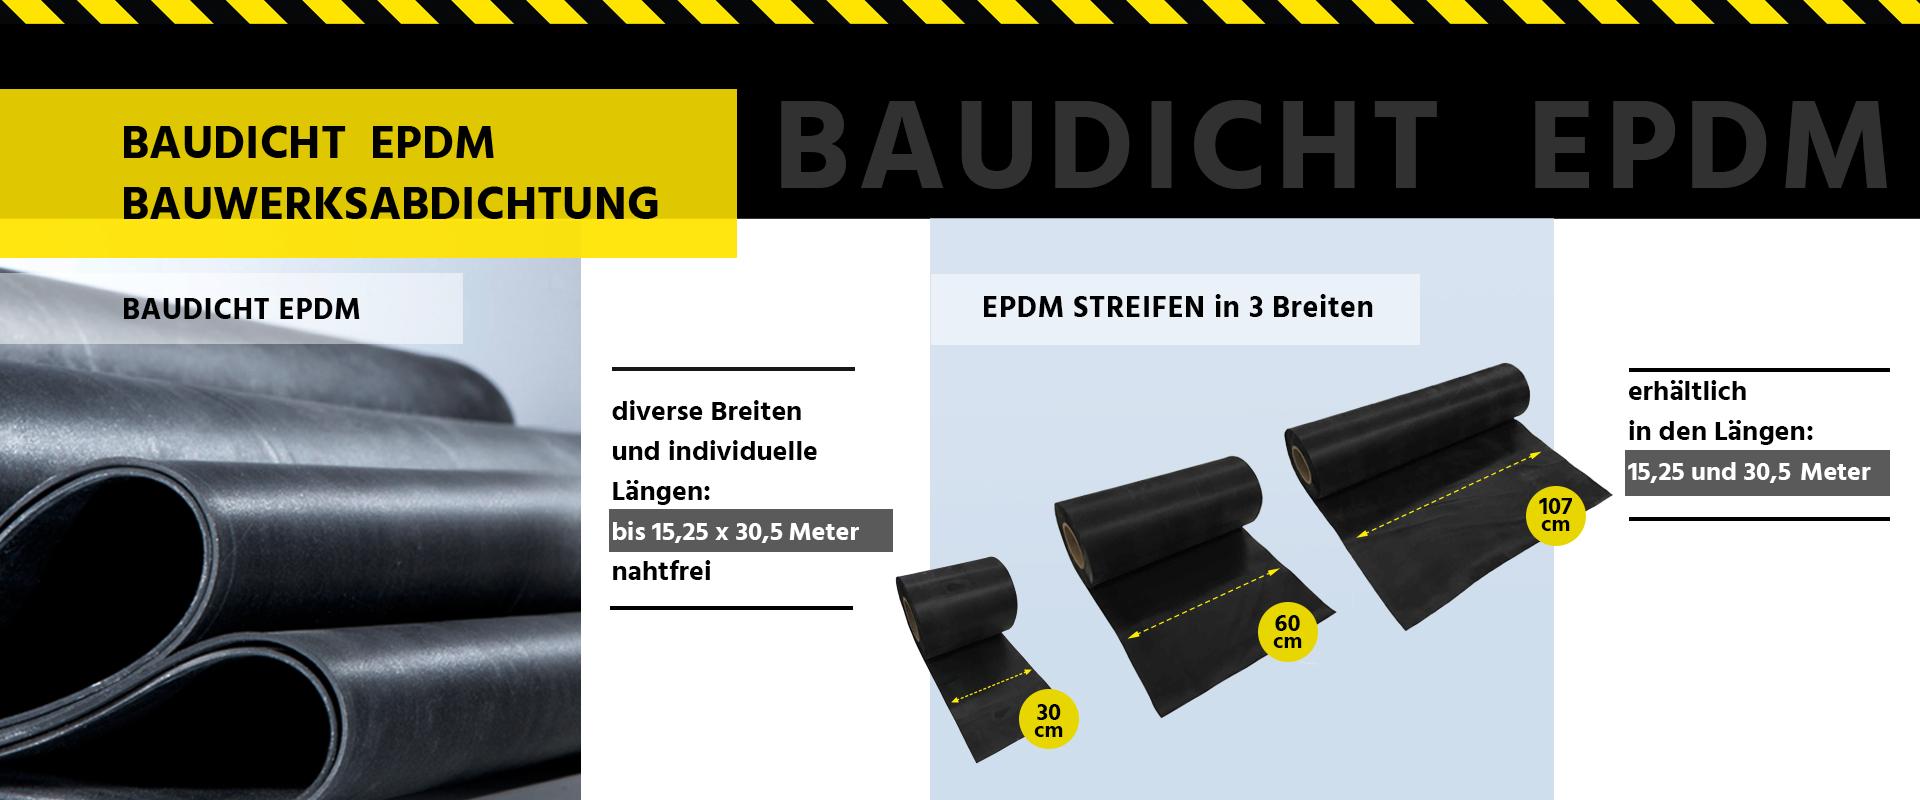 BAUDICHT EPDM Bauwerksabdichtung Produkte